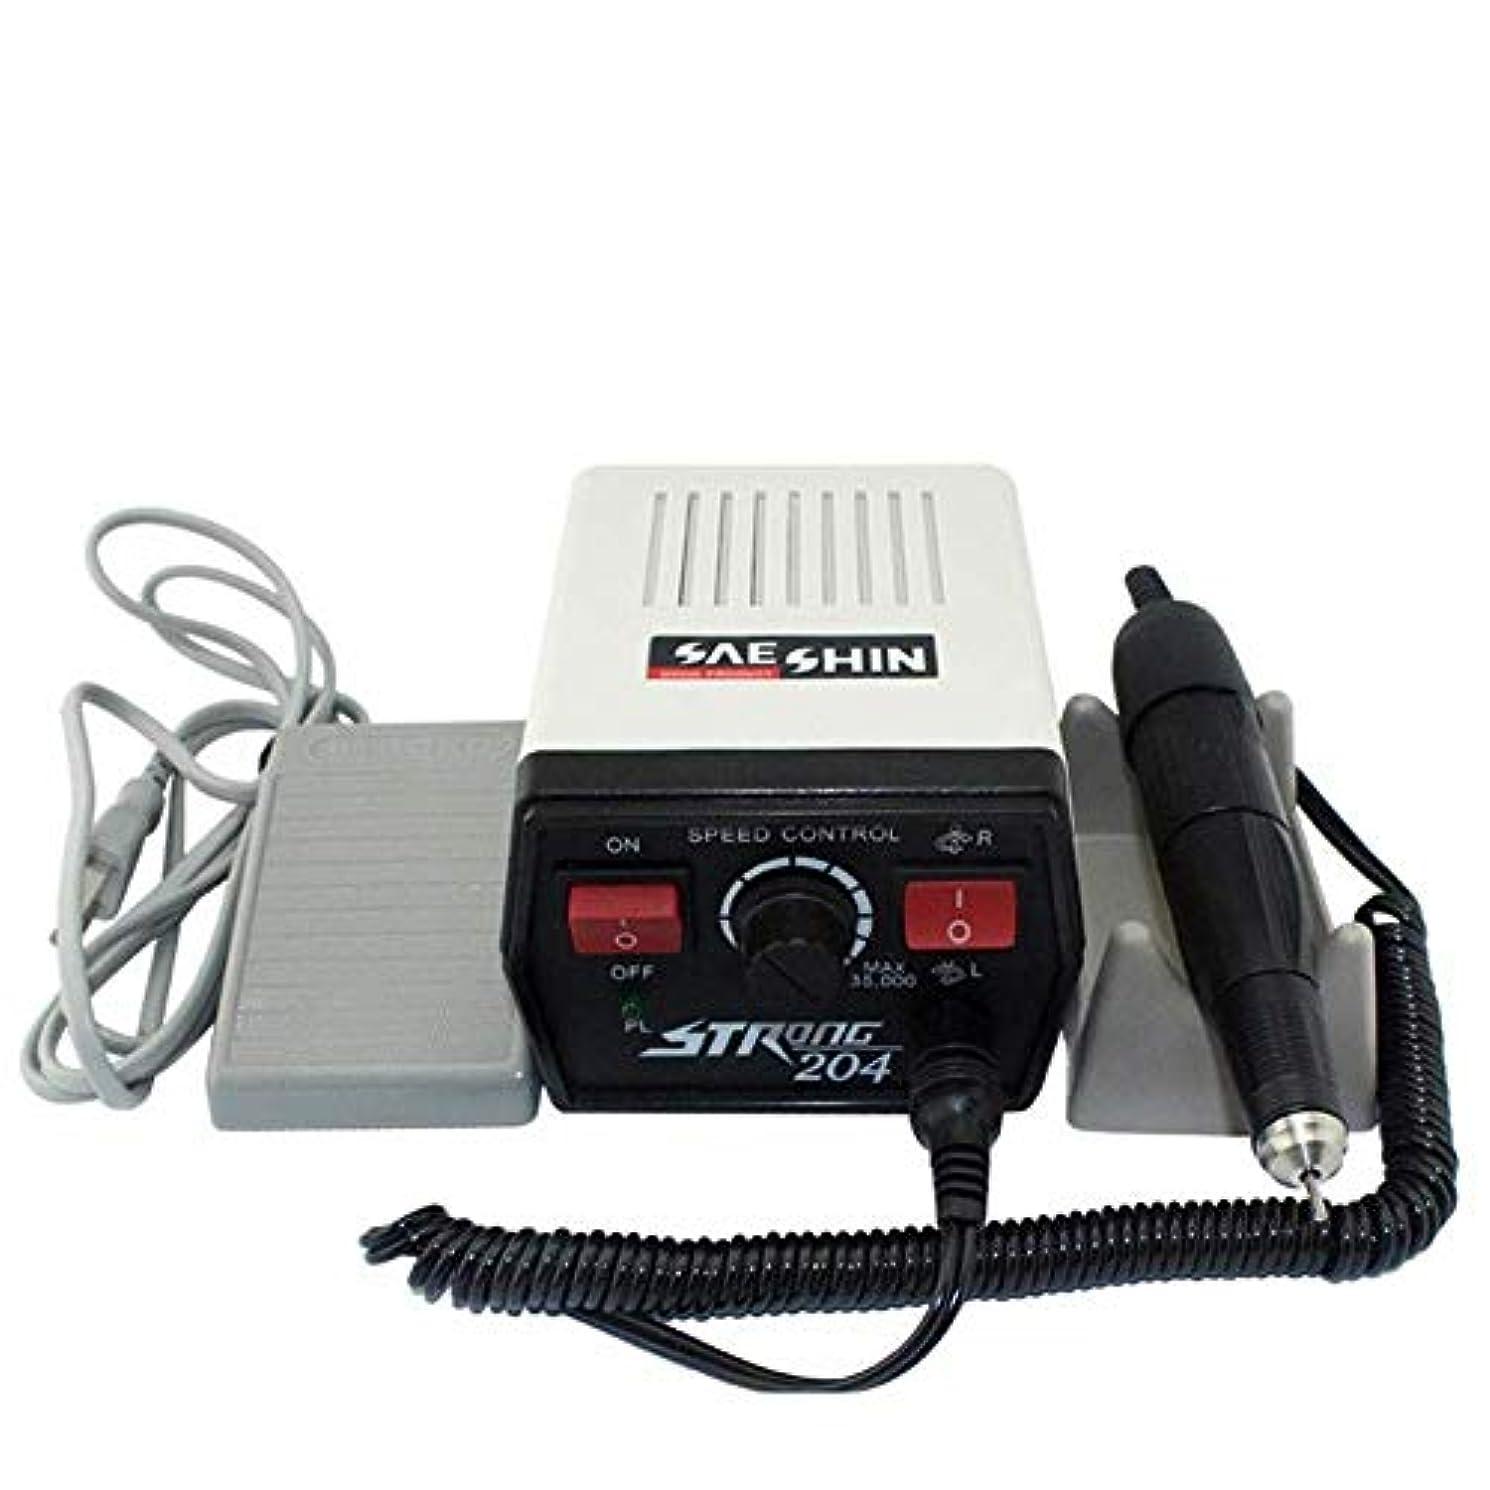 ポケット自由水没ULKUAN 35000 RPM プロフェッショナル 電動ネイルポリッシャー 電動ネイルドリルマシン 高速回転 プロ用電動ネイルマシン ネイルドリル 電動ネイルファイル ネイルマシーン